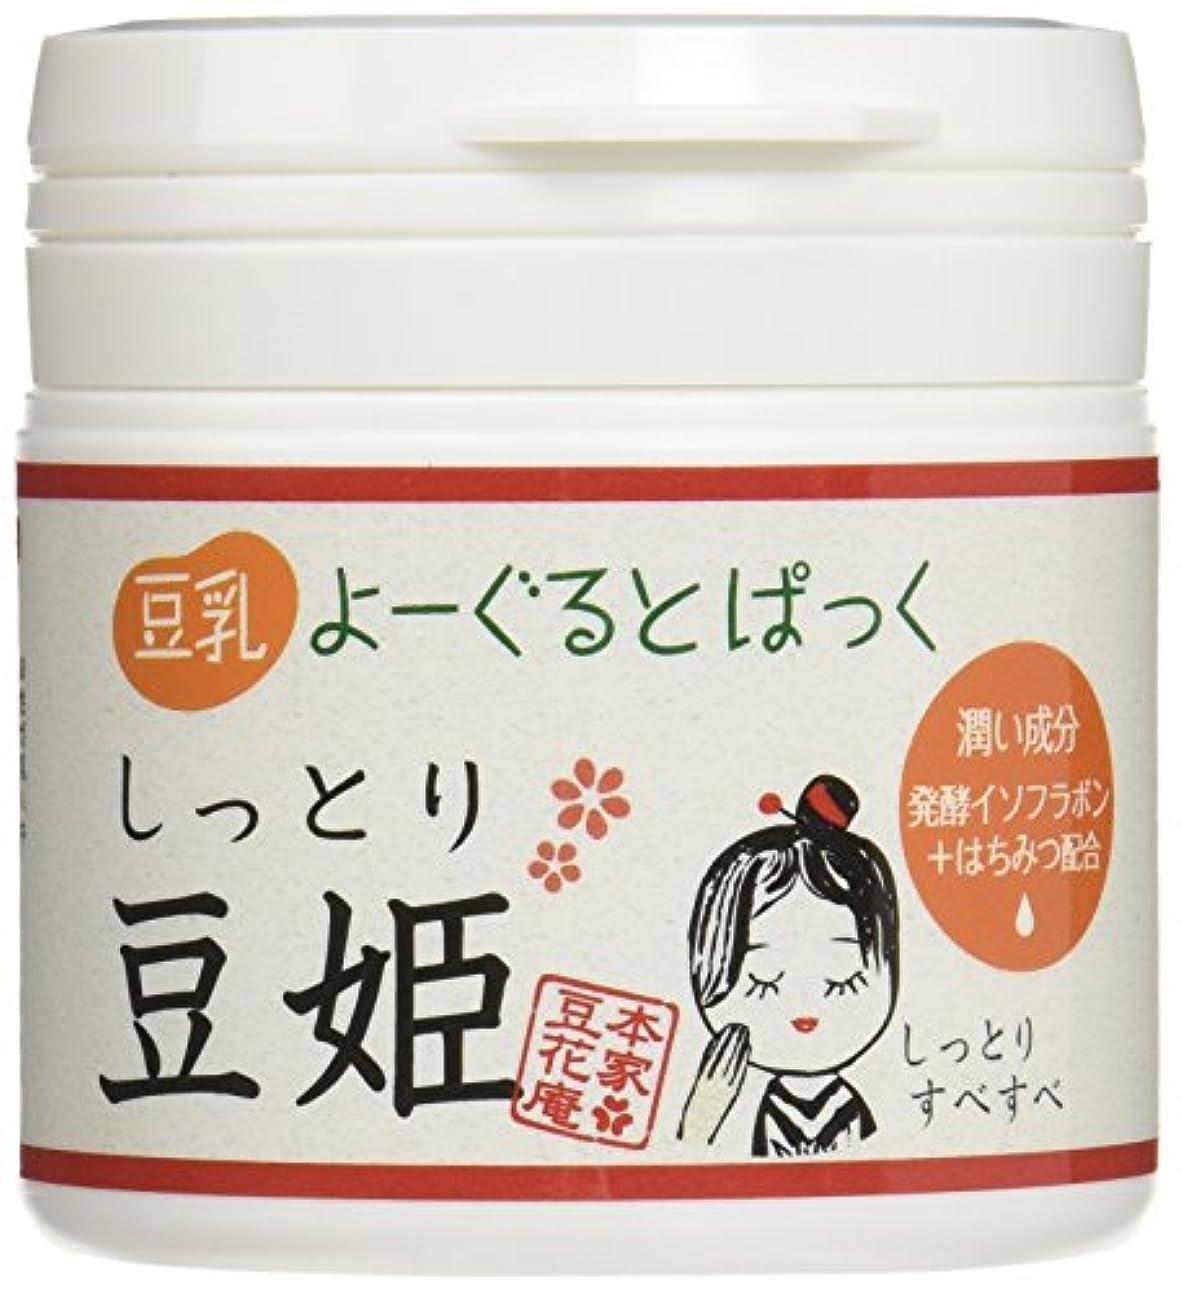 圧縮された絶え間ない南豆乳ヨーグルトパック しっとり豆姫 150g